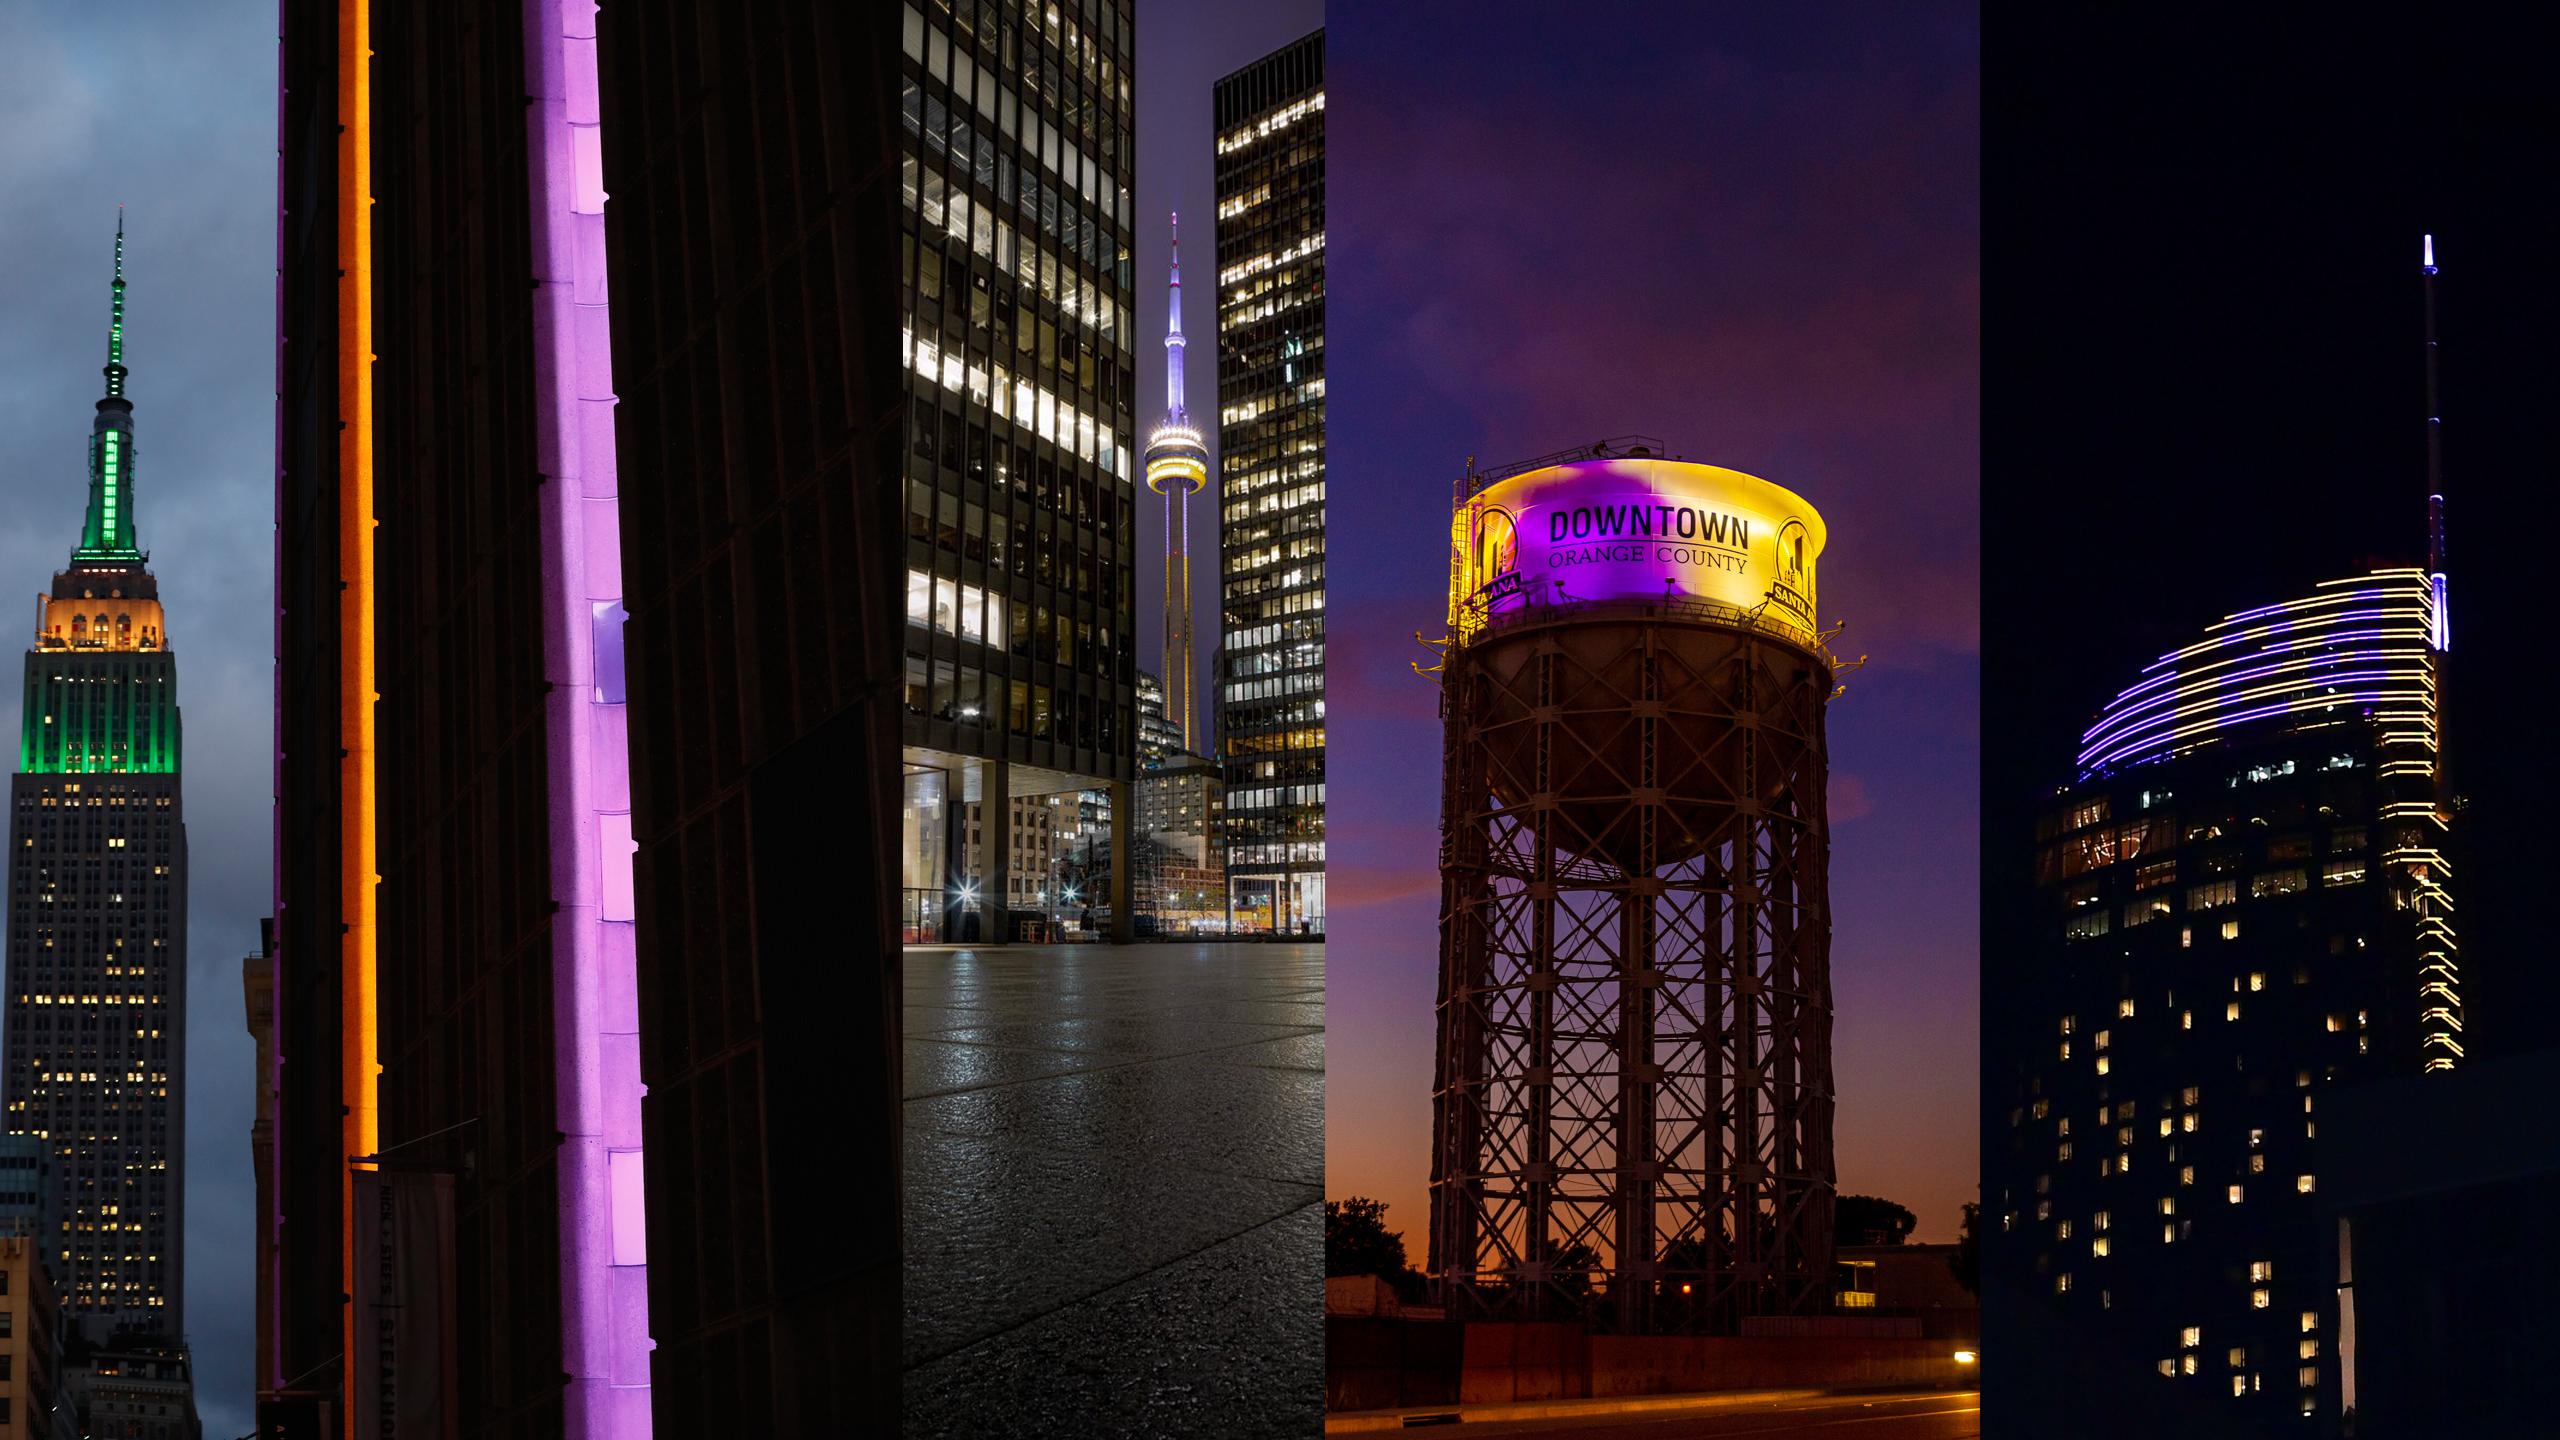 各大城市為柯比亮起湖人隊的紫金配色,以示懷念。從左到右:紐約麥迪遜廣場公園(Madison Square Park),多倫多加拿大國家電視塔(CN Tower),加州聖塔安那水塔(Santa Ana Water Tower),洛杉磯洲際飯店(InterContinental LA Downtown)。(美聯社、Getty Images、推特)